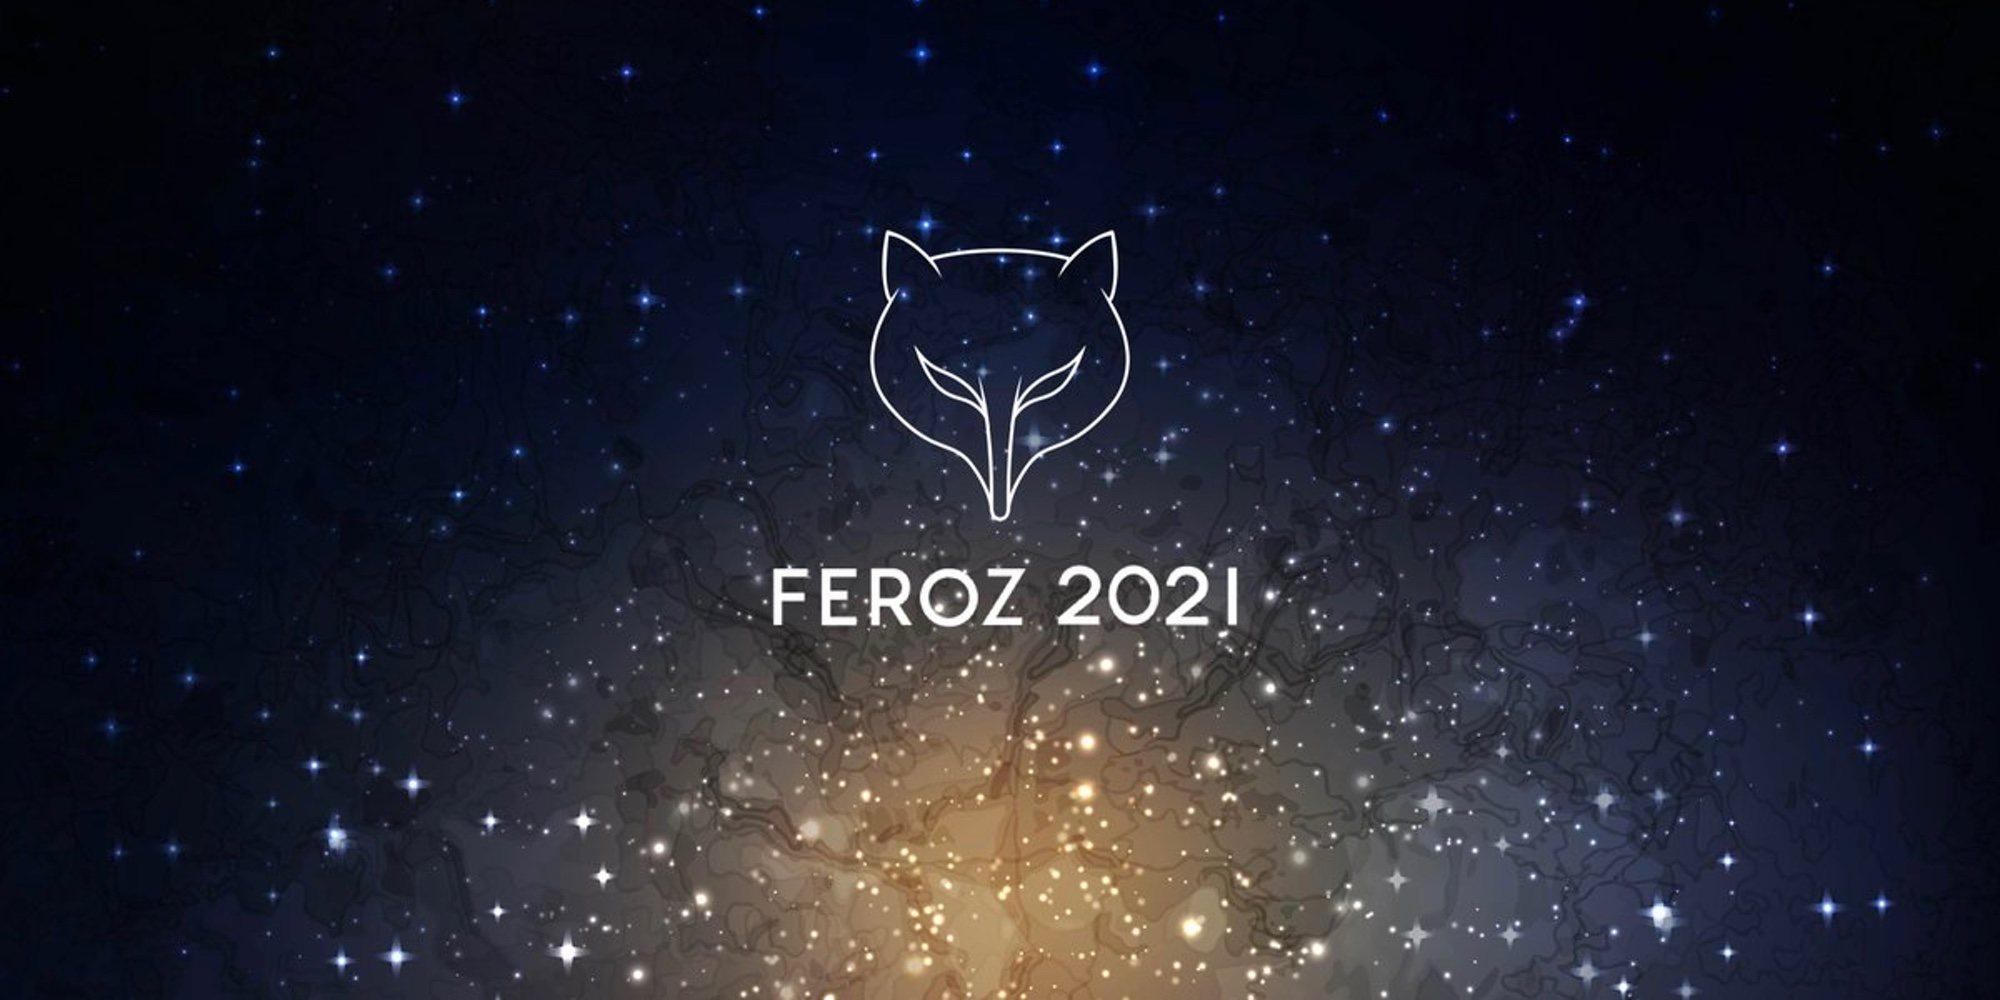 Lista de nominados de los Premios Feroz 2021